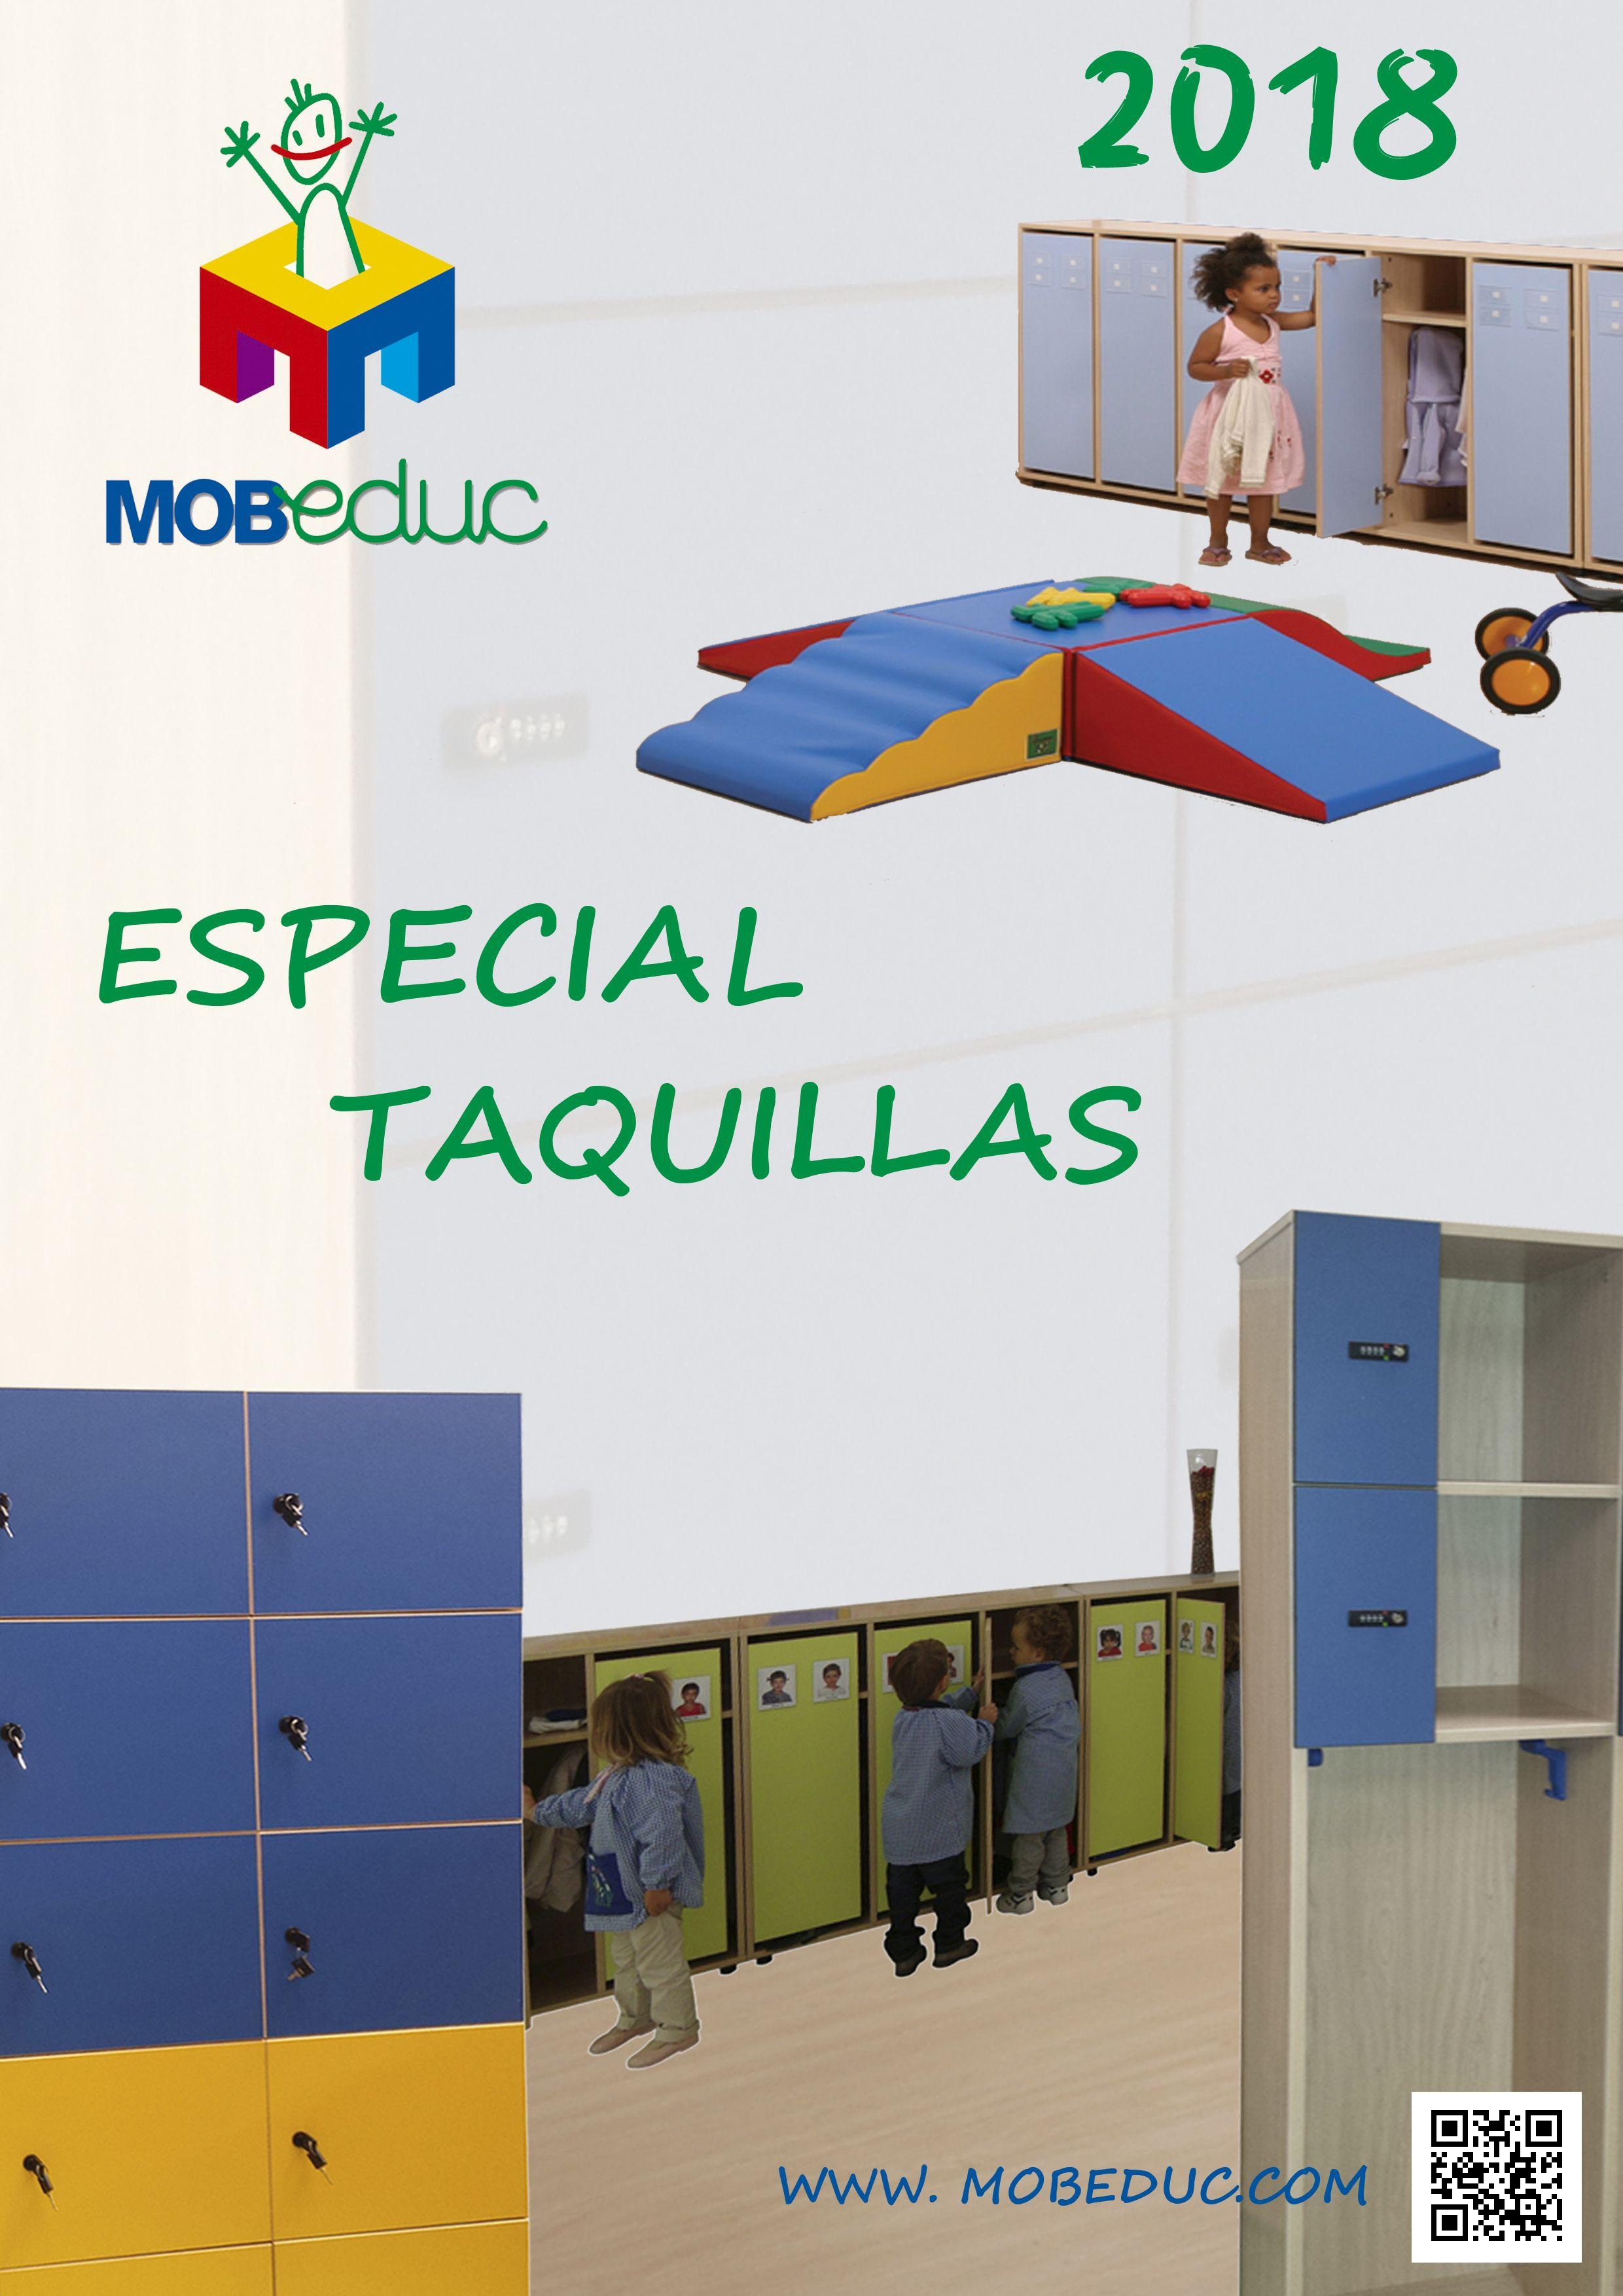 Cat Logos Mobiliario Infantil Mobeduc Mobiliario Escolar # Muebles Educativos